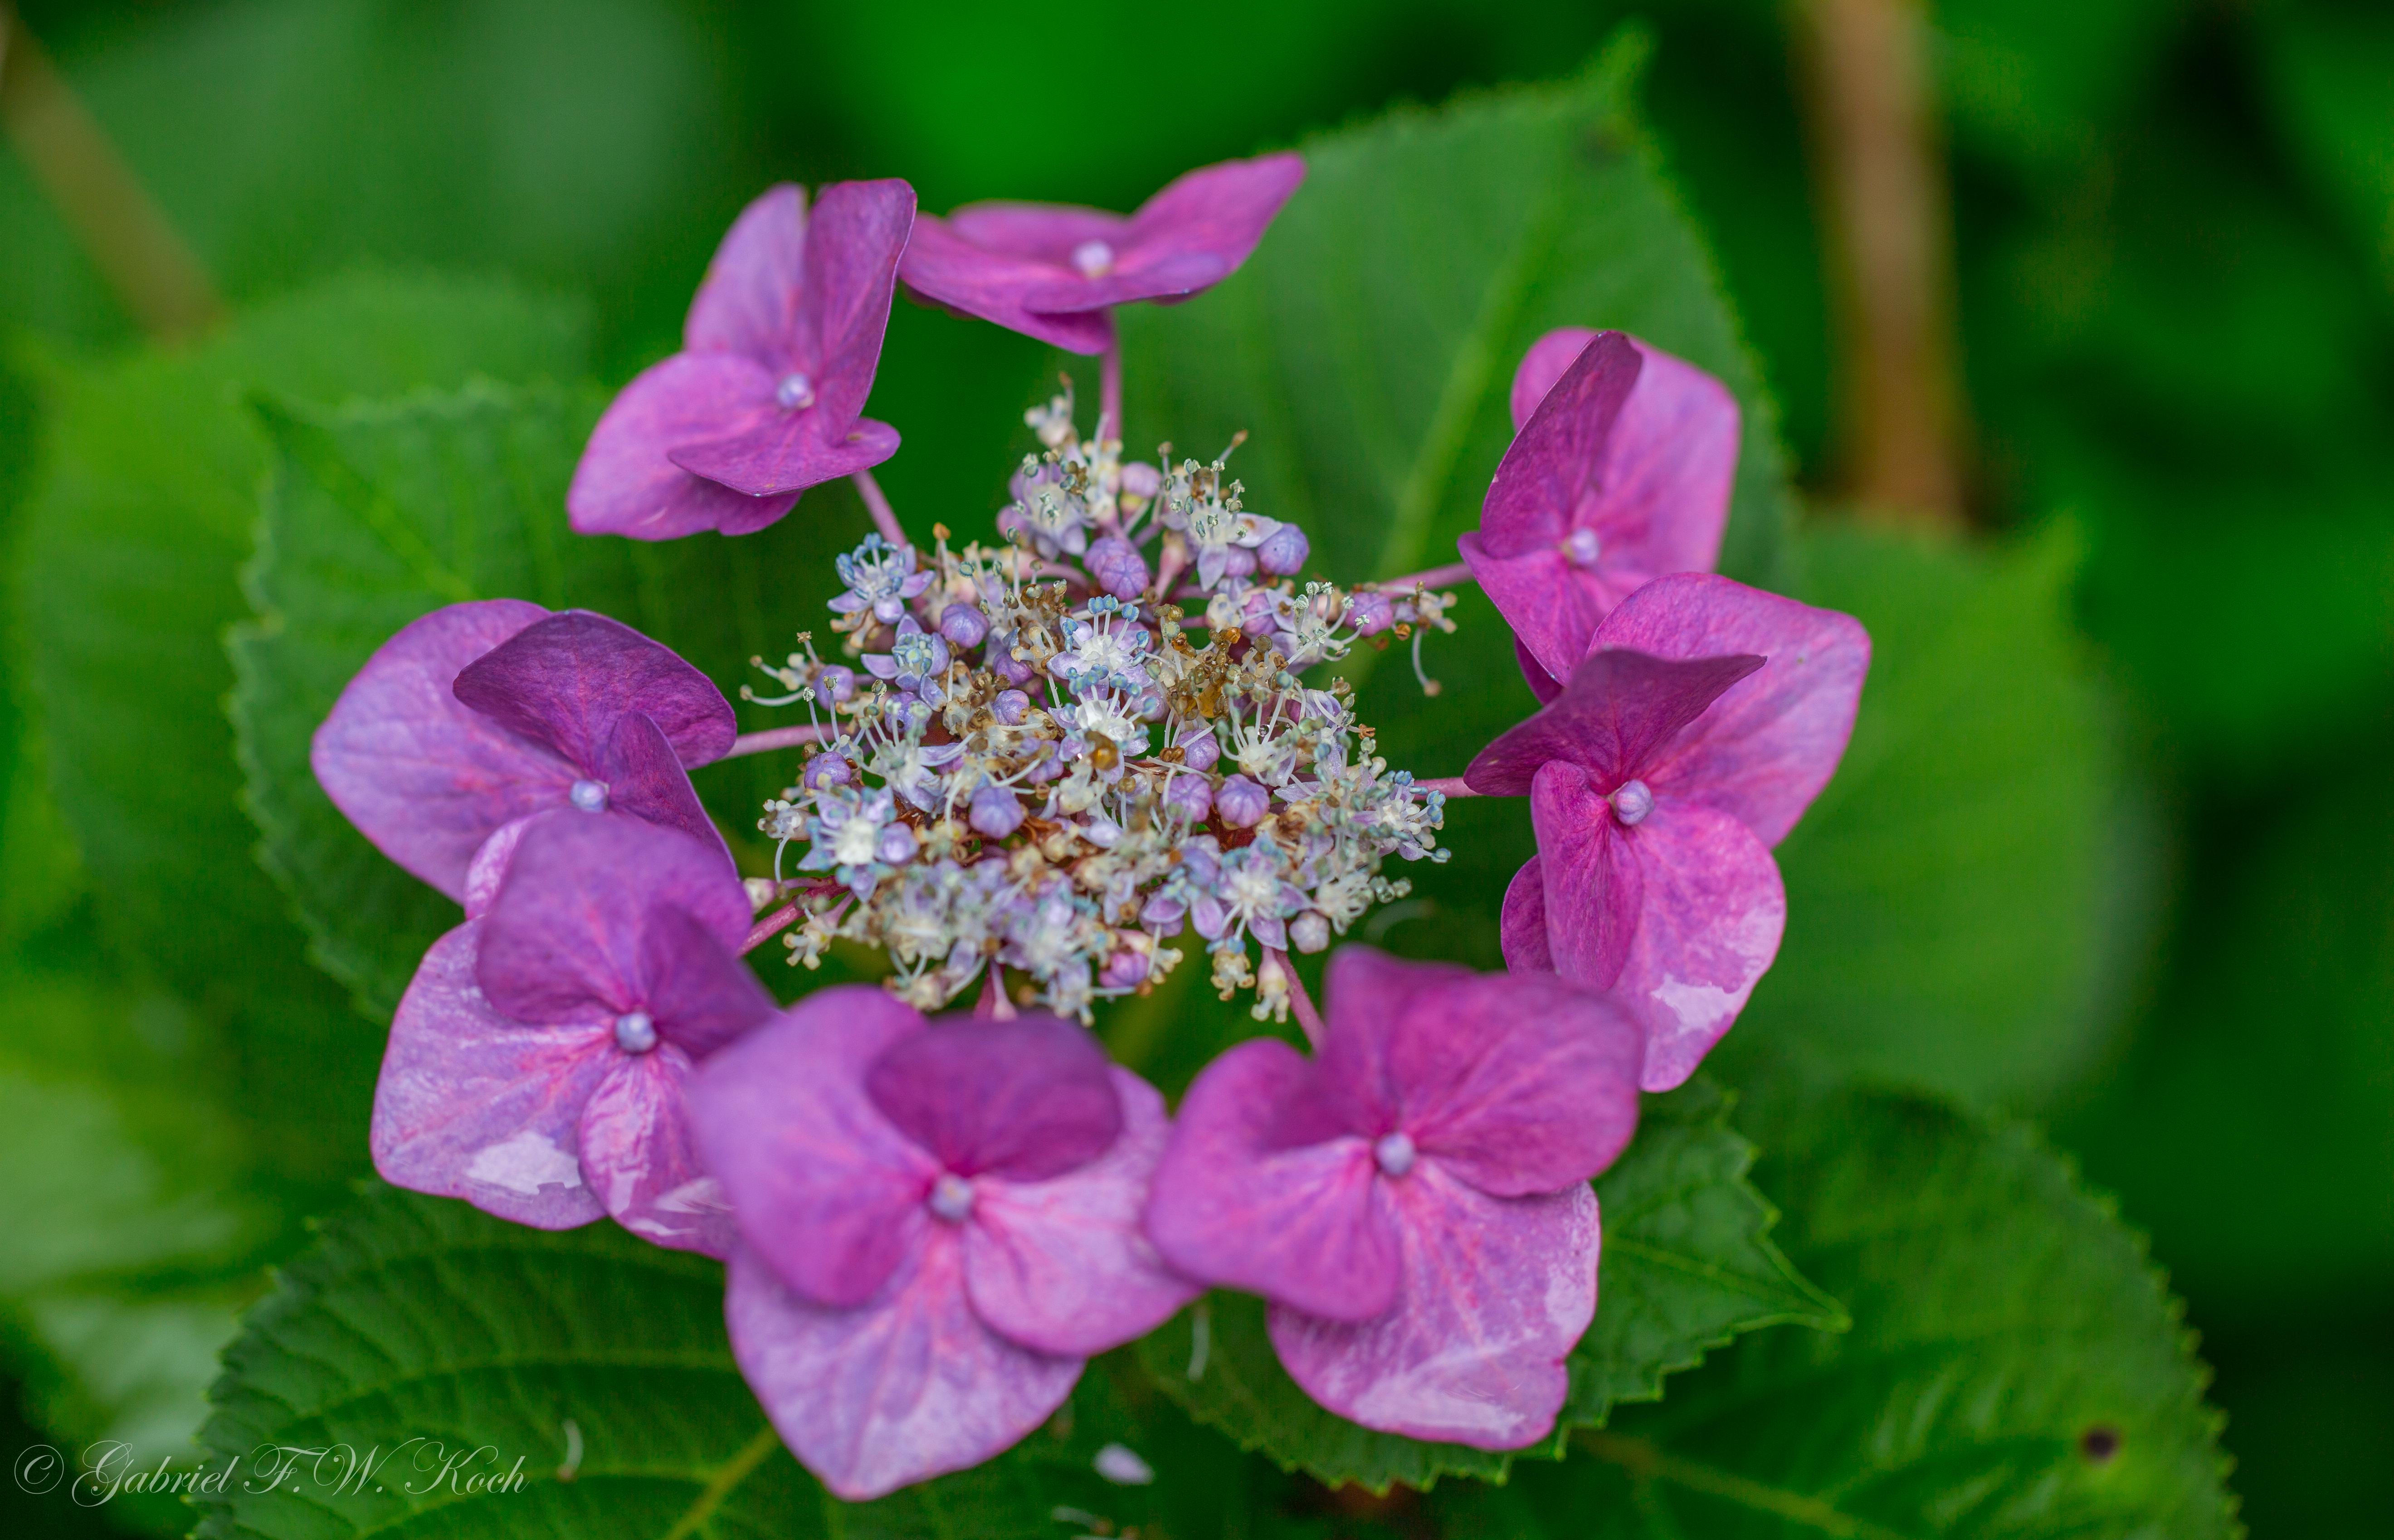 Hintergrundbilder : Rosa, Blumen, blau, rot, Orange, Pflanzen, Sonne ...